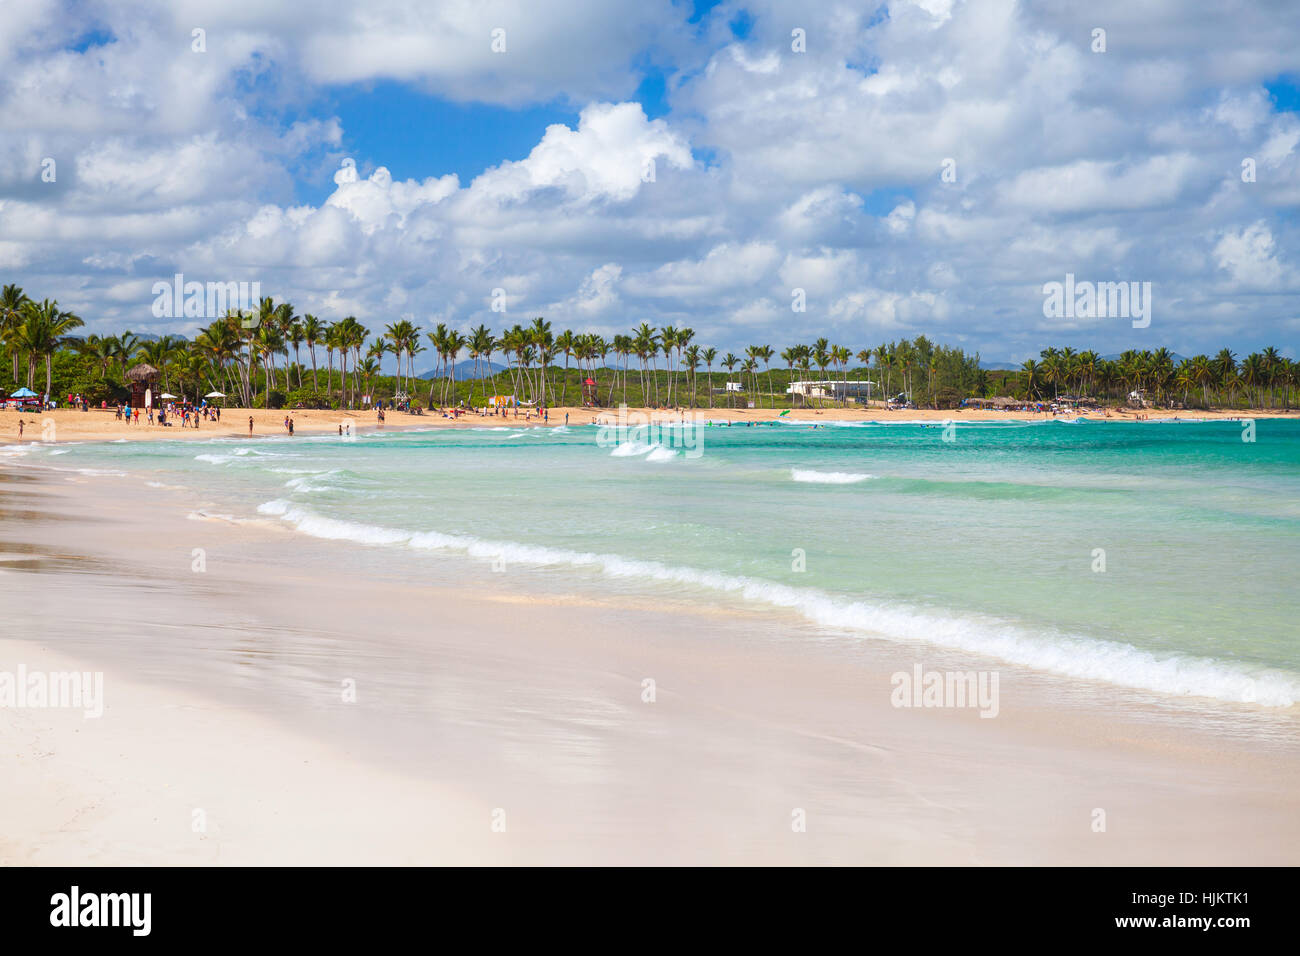 Spiaggia di Macao paesaggio, popolare località turistica della Repubblica Dominicana, isola Hispaniola Immagini Stock